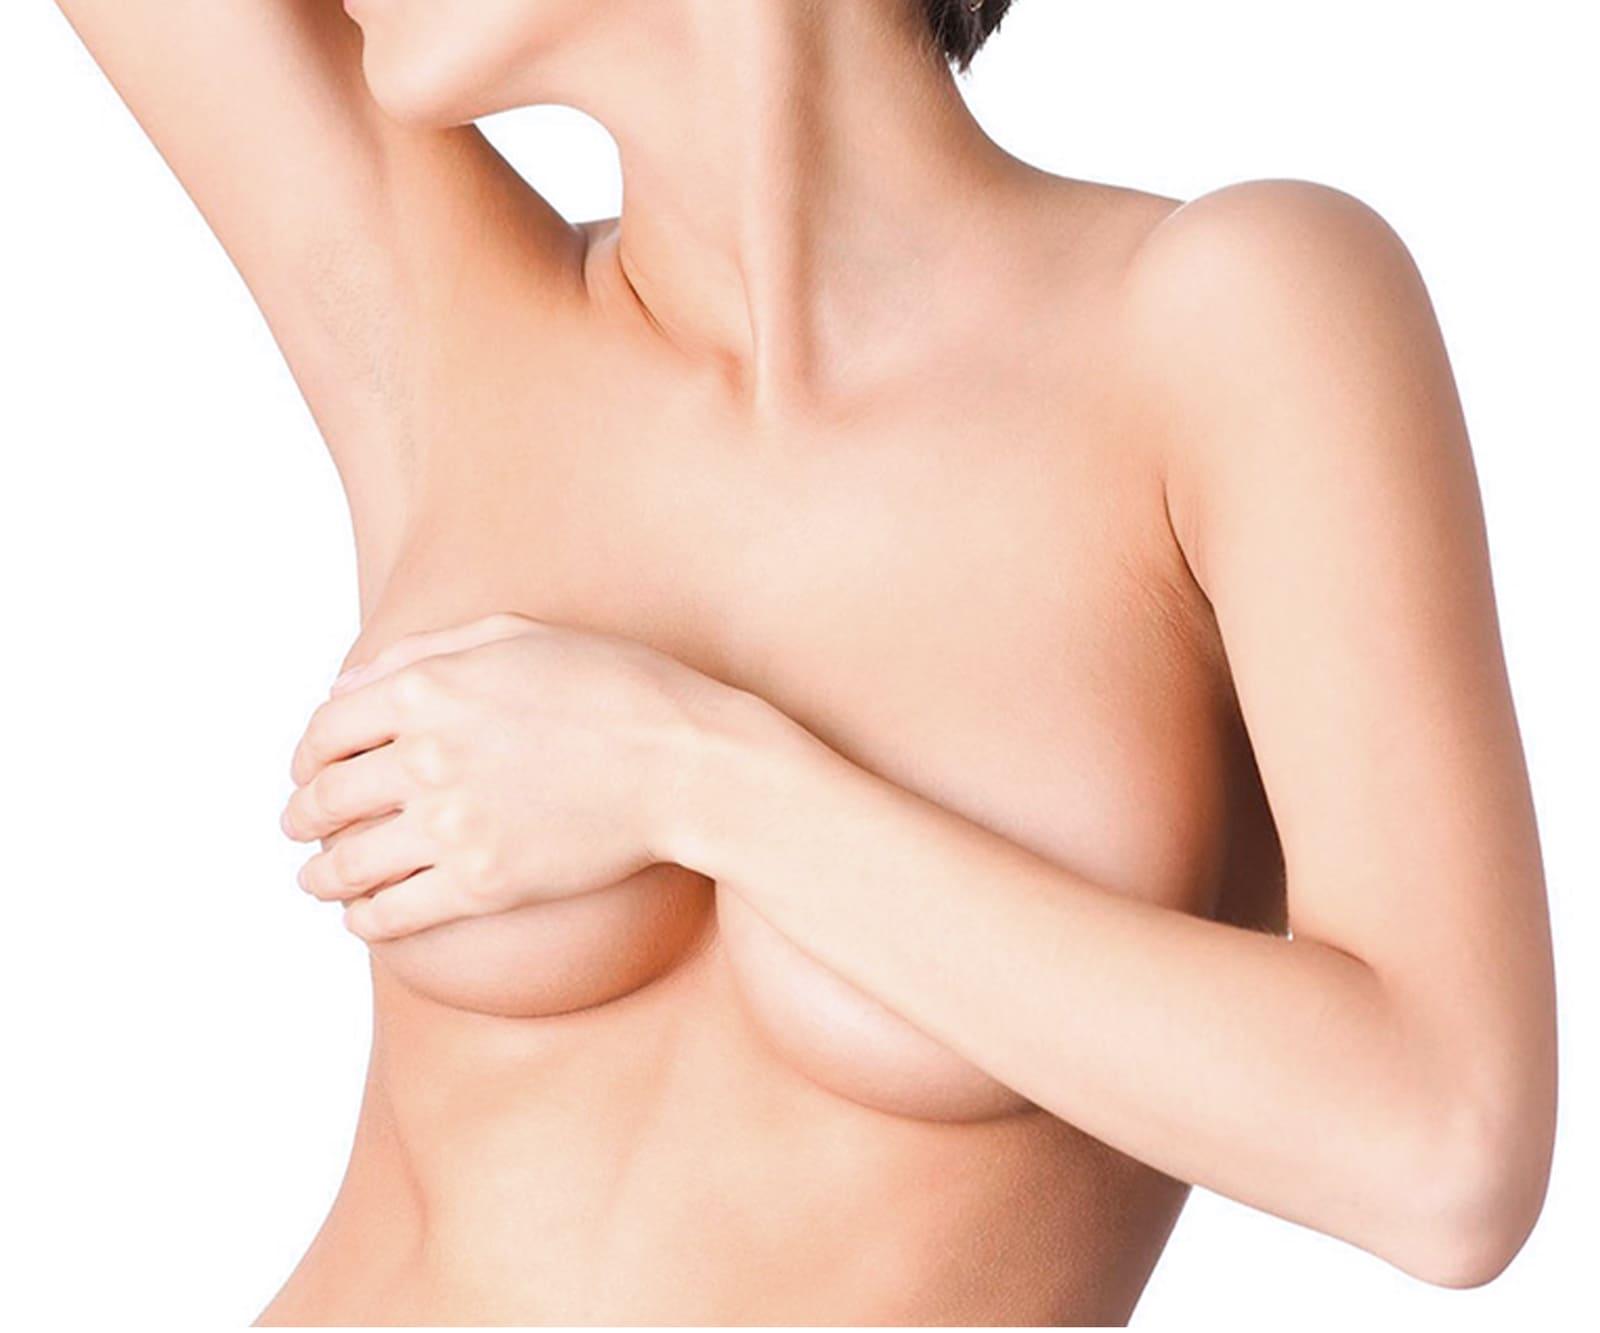 (RU) Импланты от MENTOR® − превосходный результат и безопасность